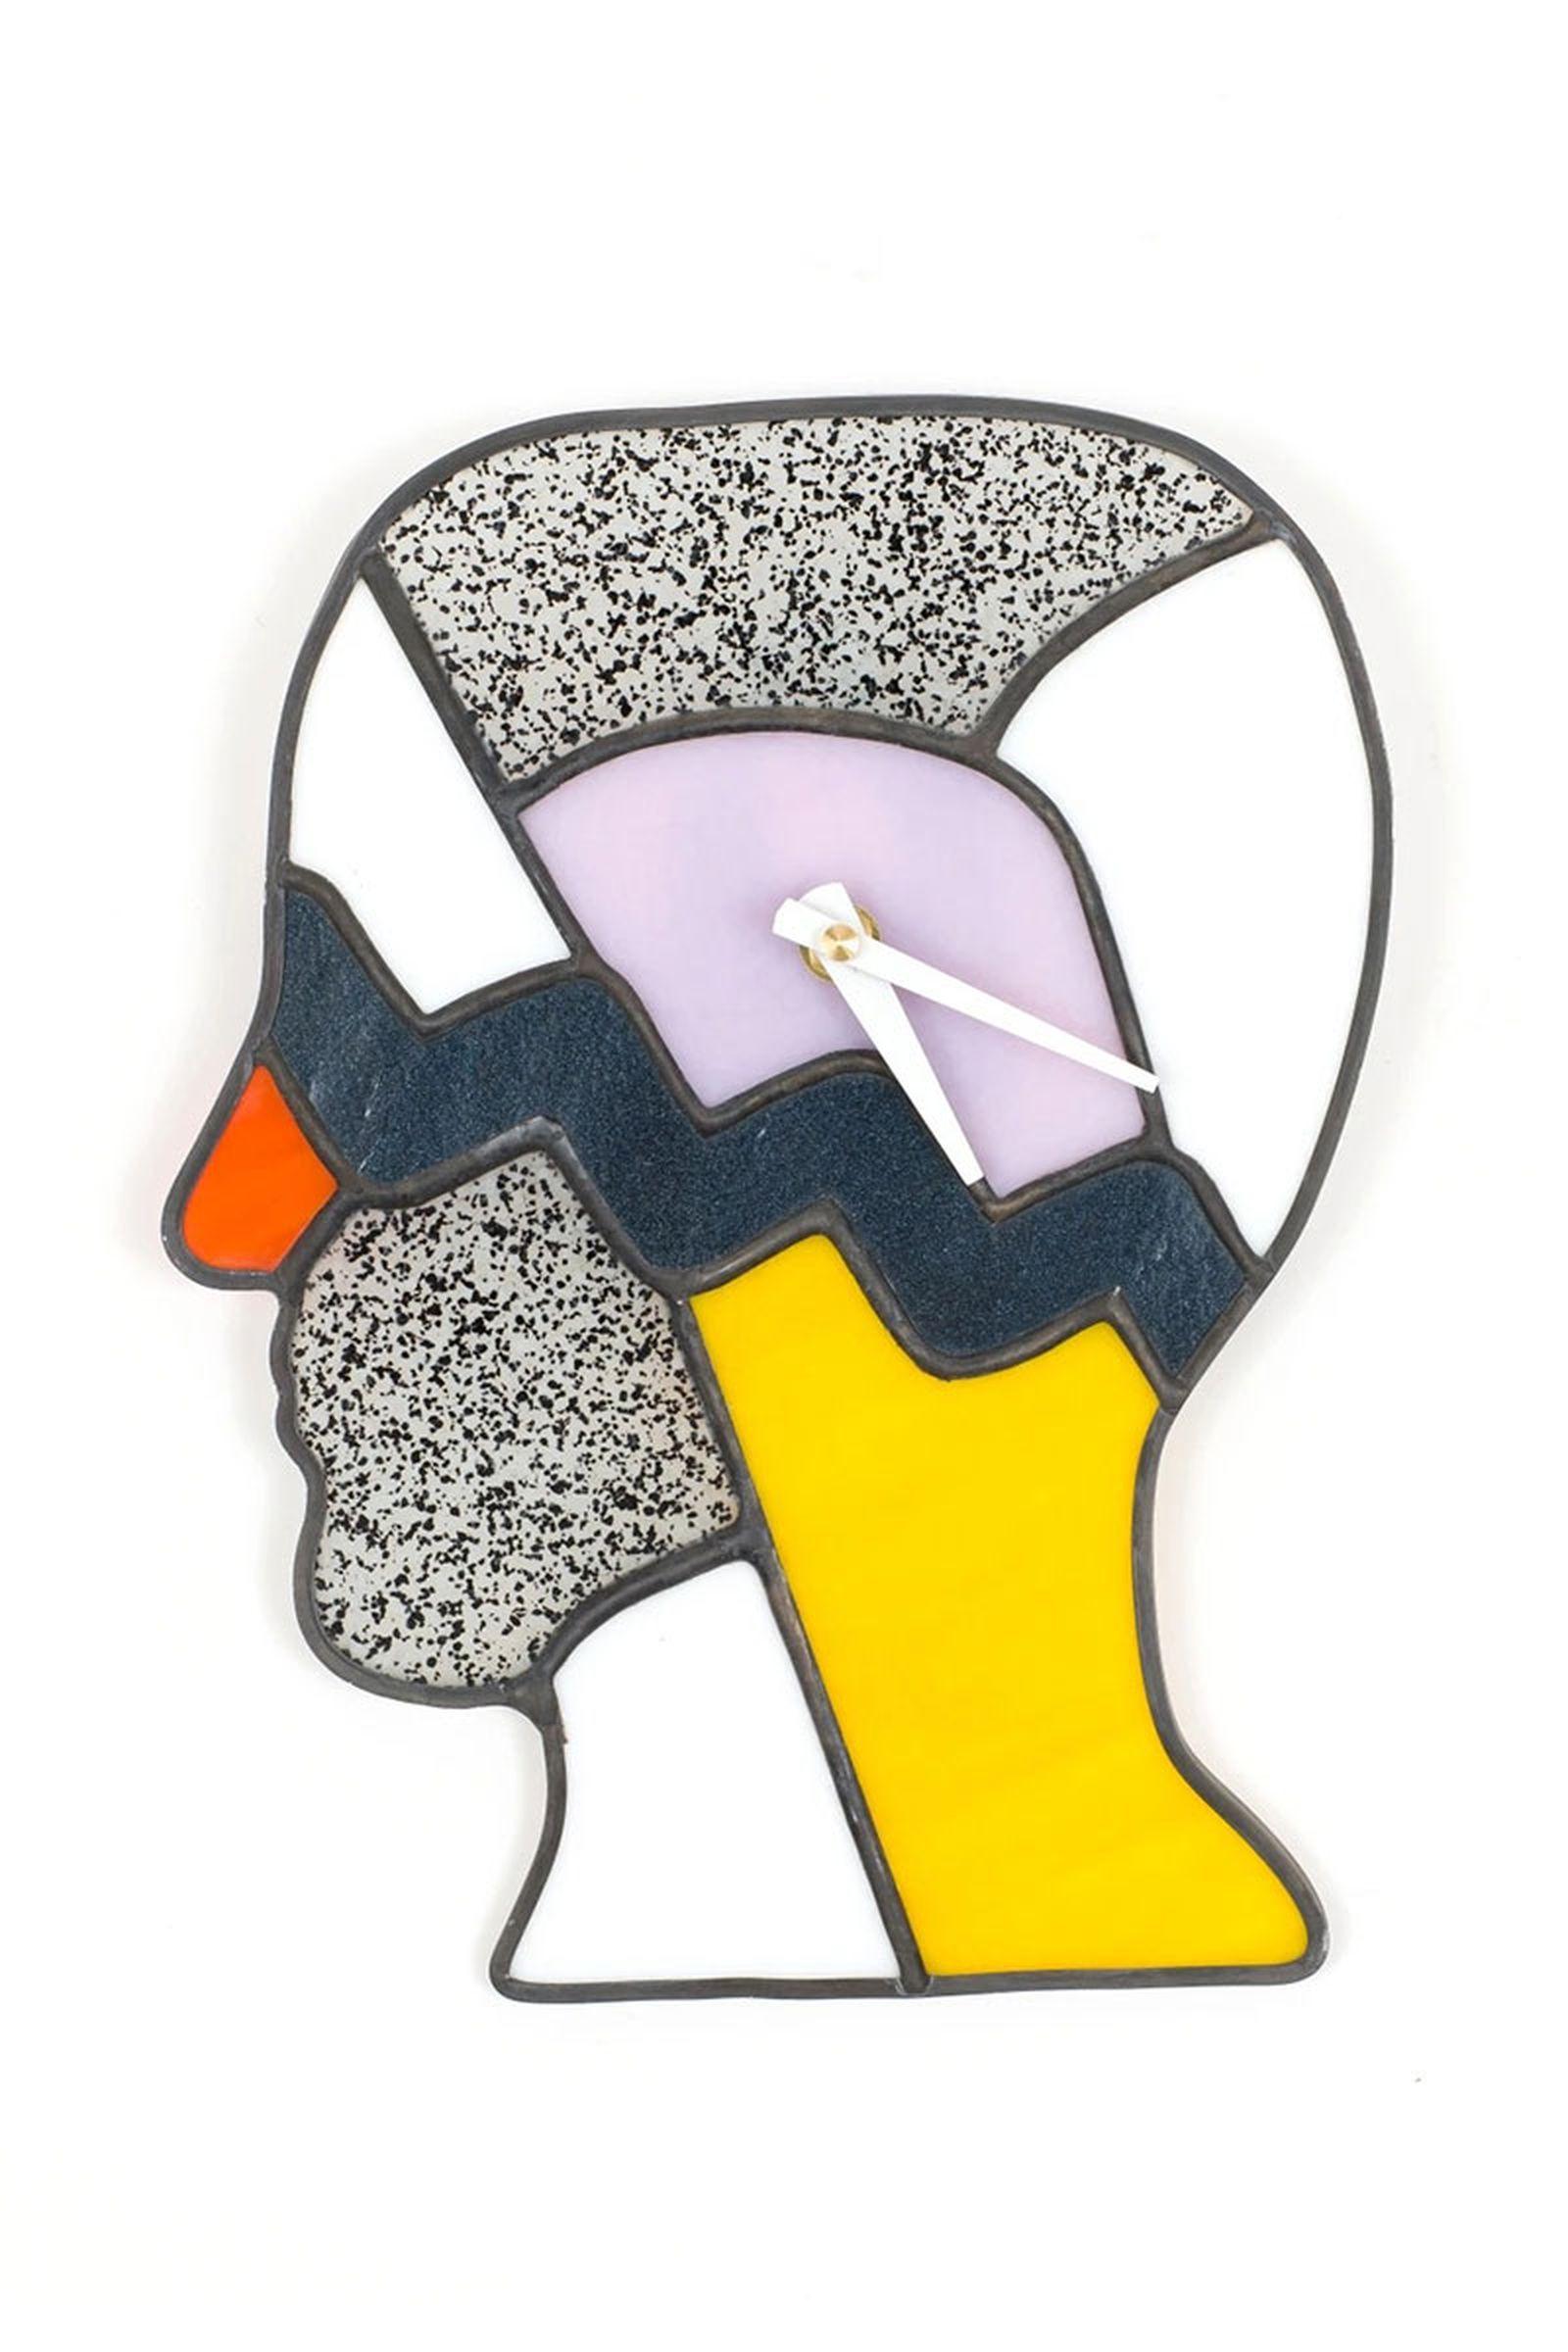 brain-dead-kerbi-urbanowski-stained-glass-clocks-(1)